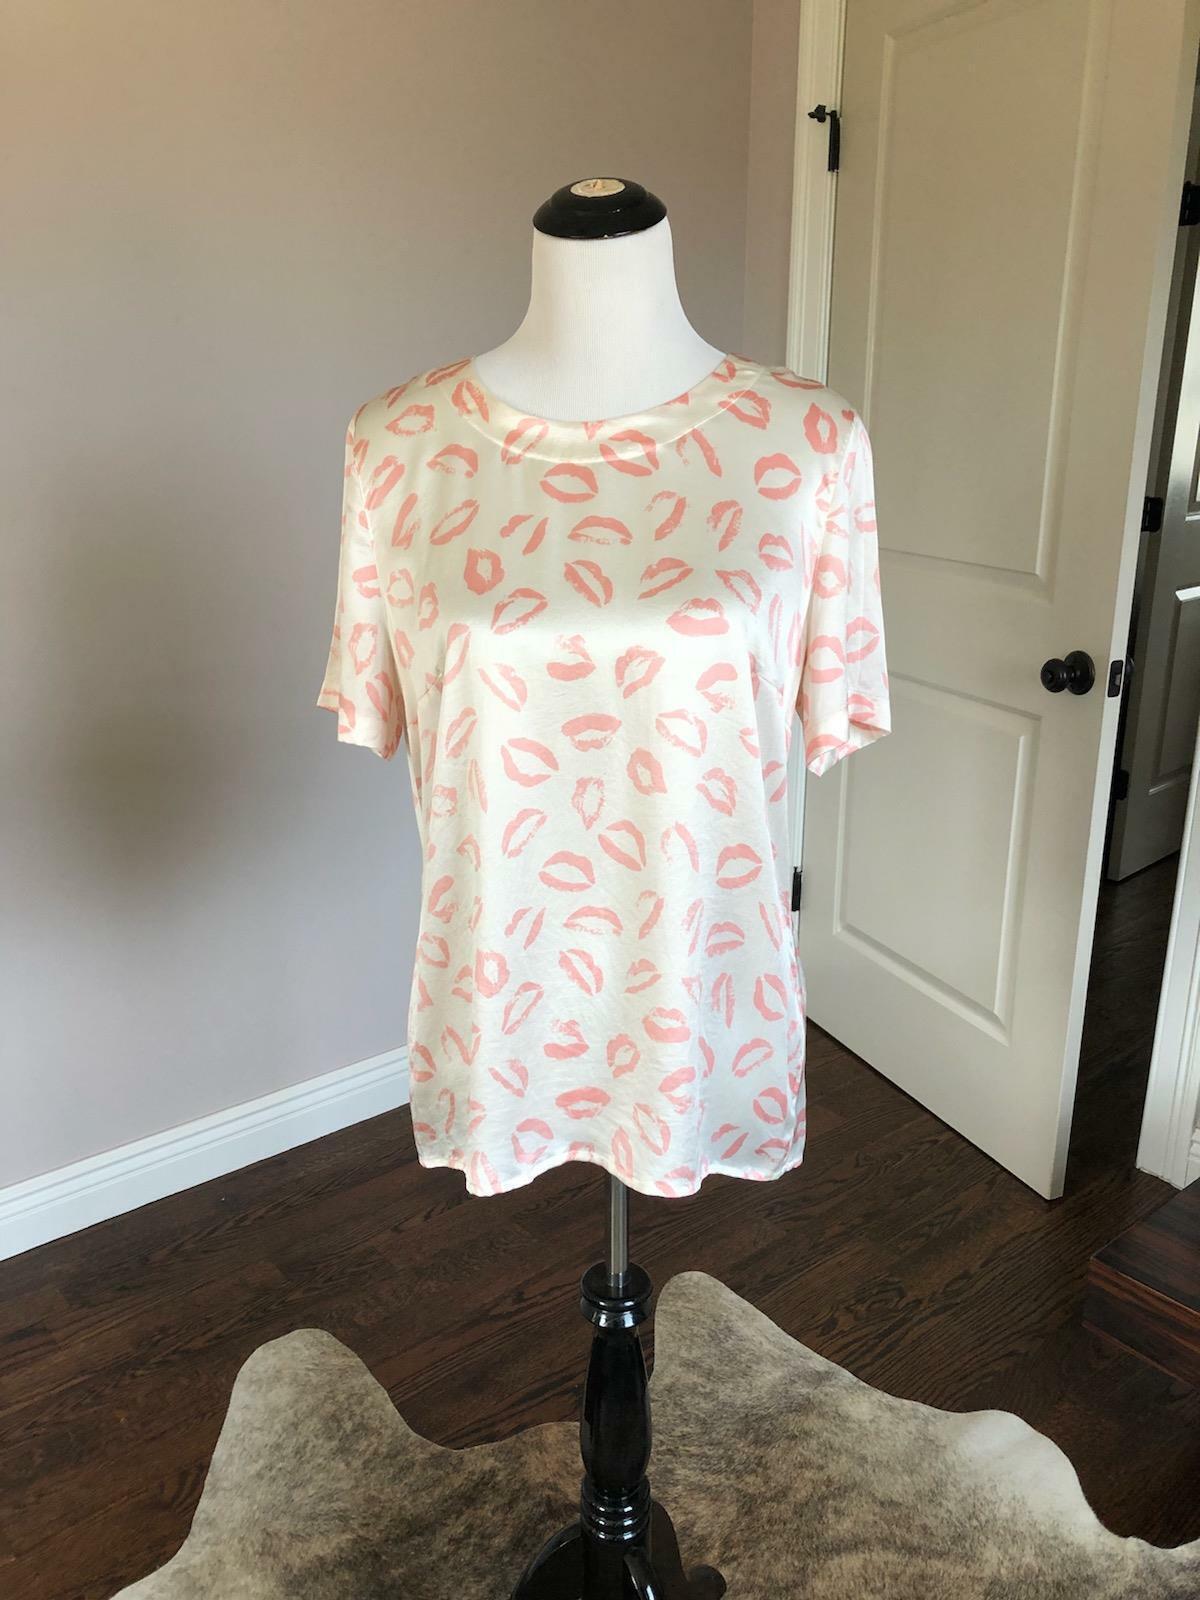 NWOT VTG ESCADA by Margaretha Ley Cream 100% Silk  Lip Print T-shirt SZ US 12